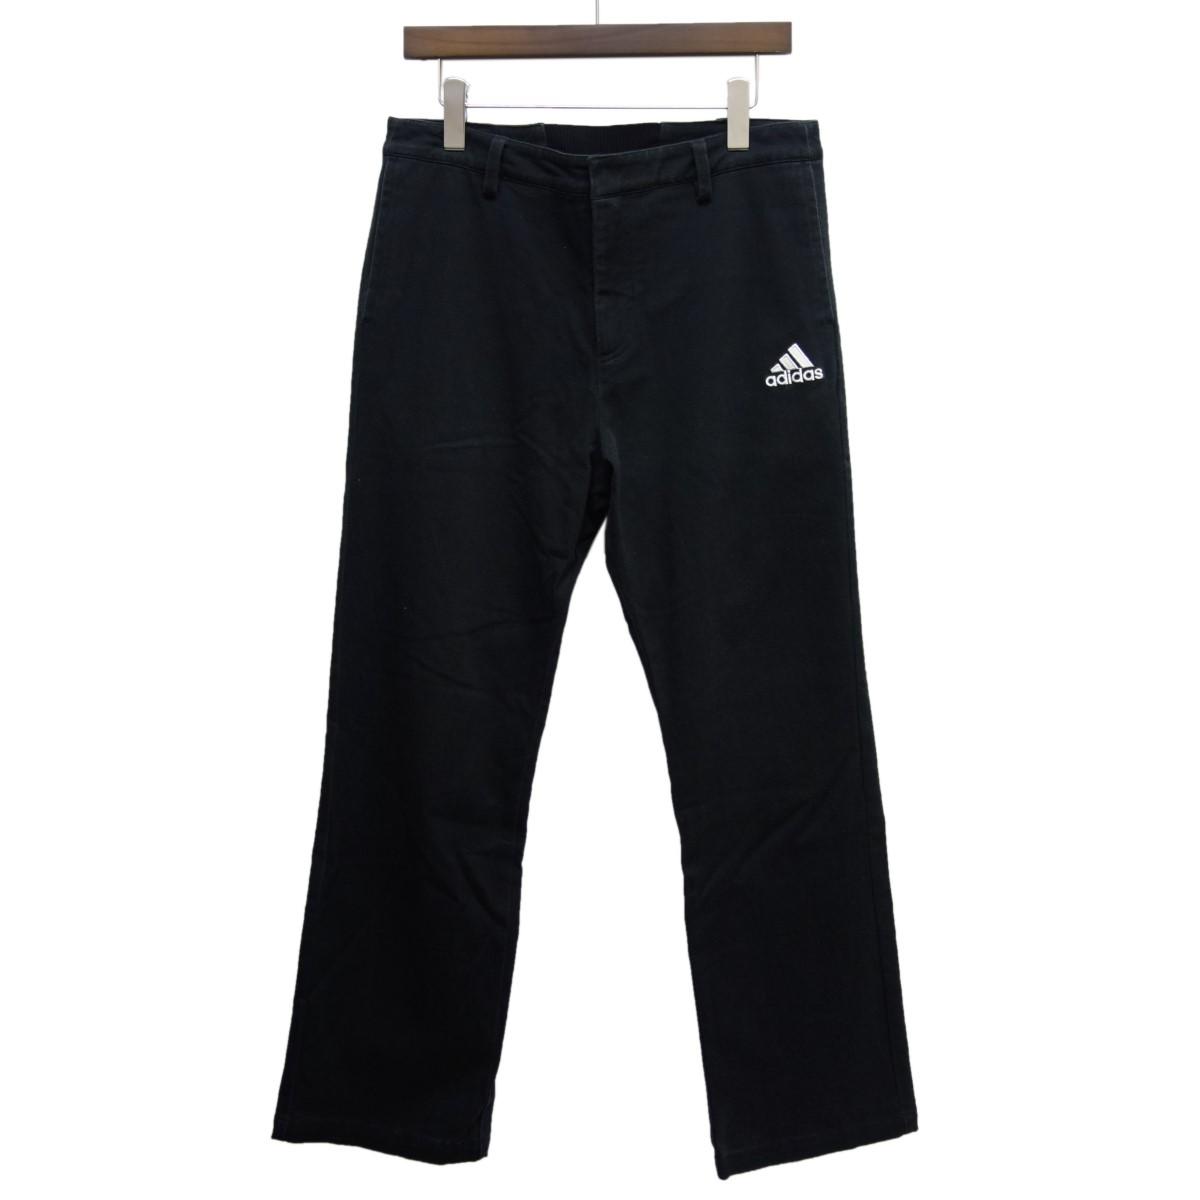 【中古】Gosha Rubchinskiy × adidasロゴ刺繍パンツ ブラック サイズ:0 【4月2日見直し】